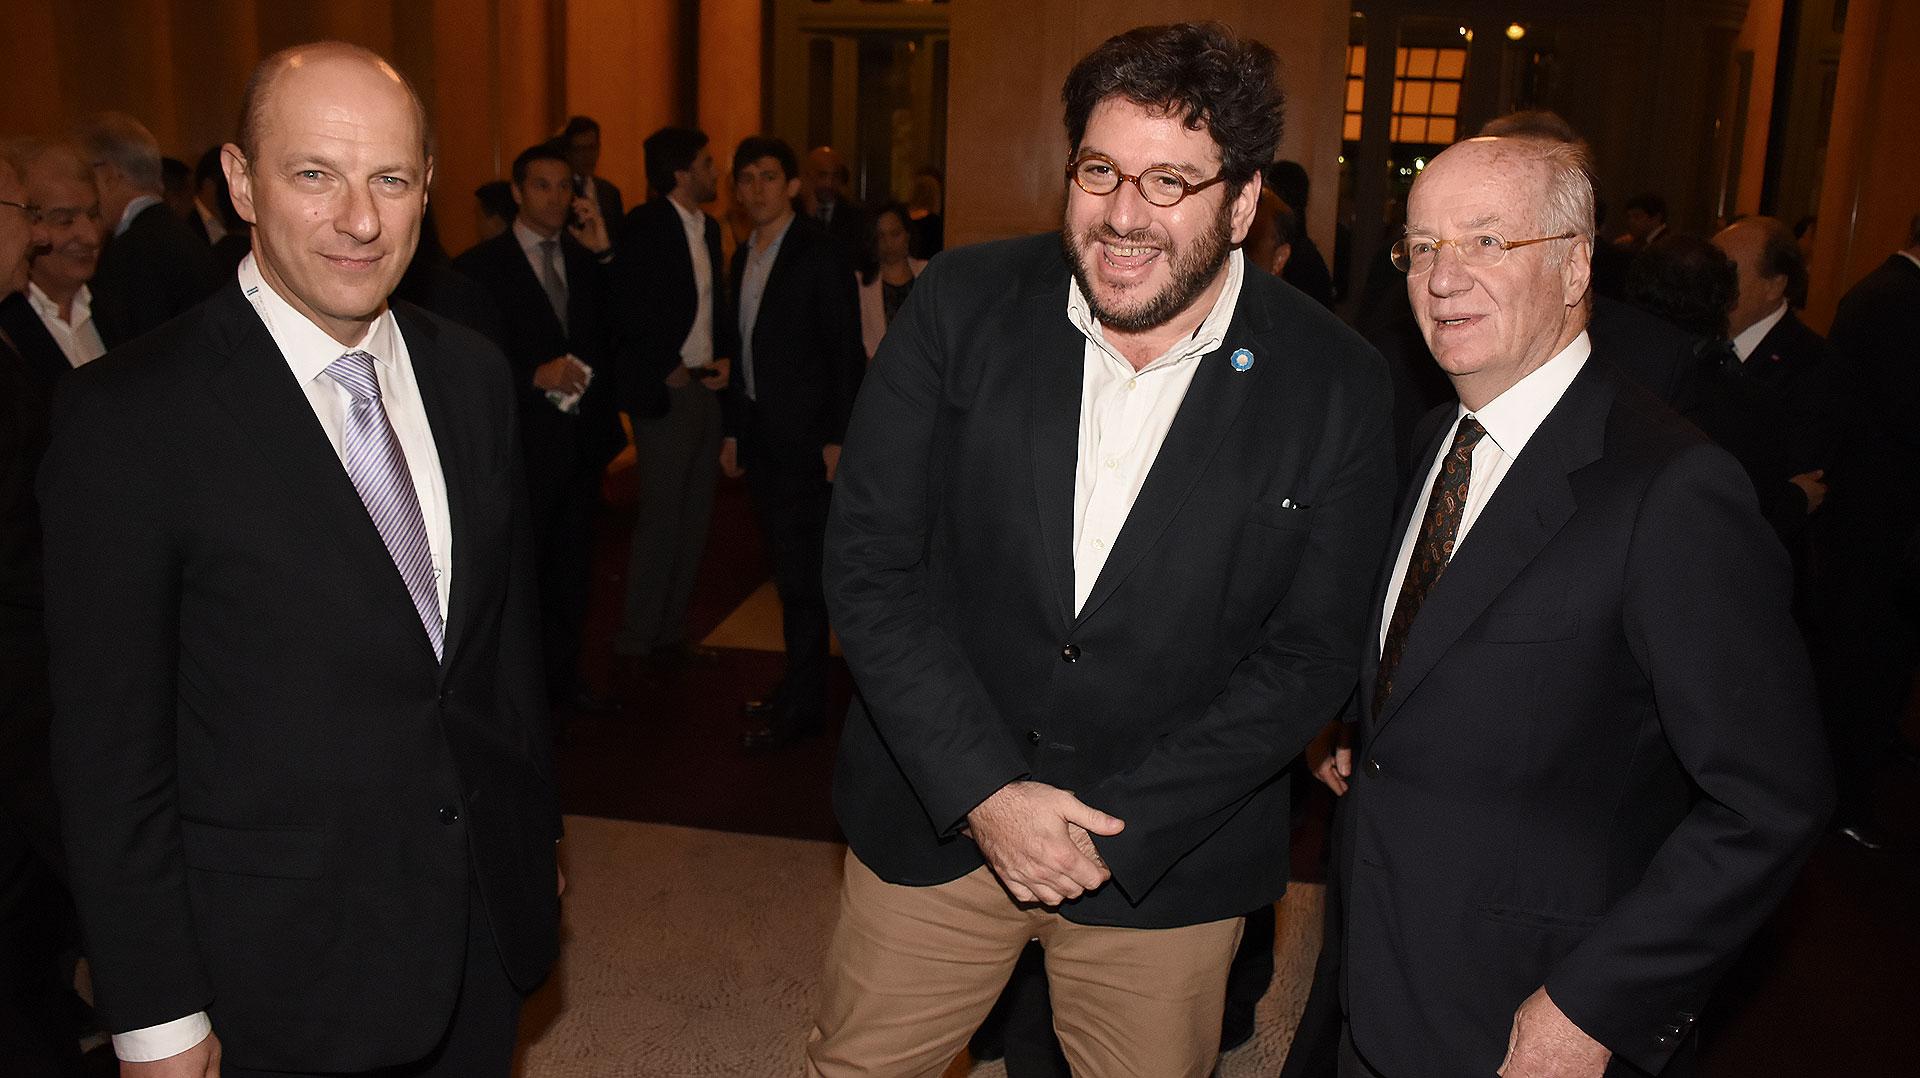 El CEO del Grupo Techint, Paolo Rocca junto al ministro de Cultura, Pablo Avelluto y el analista político Sergio Berensztein